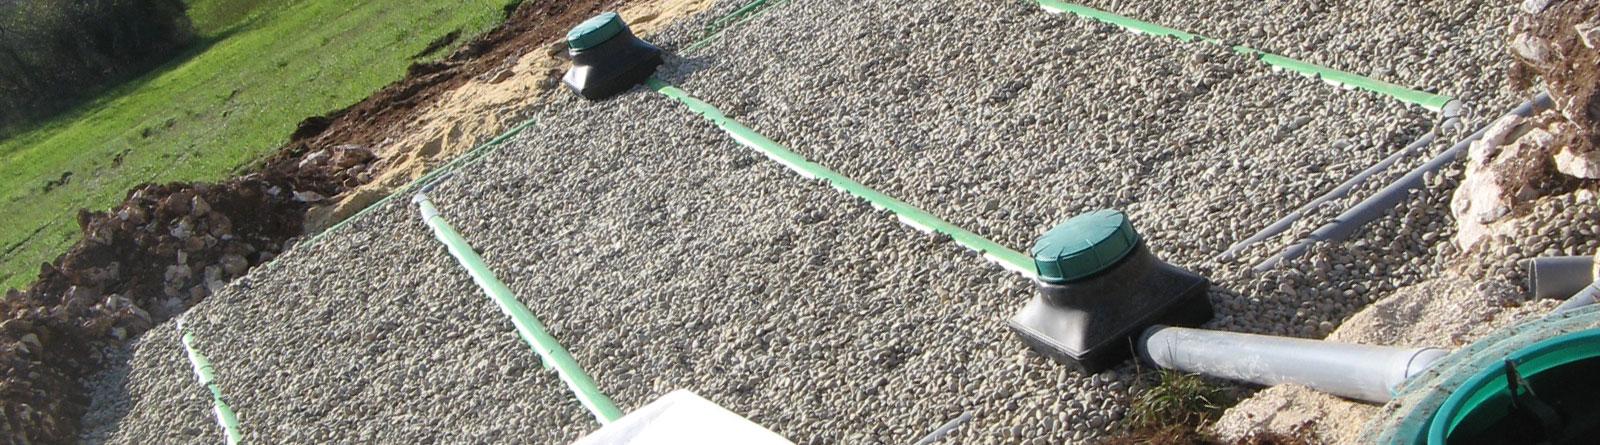 Installation d'un système d'assainissement individuel des eaux usées